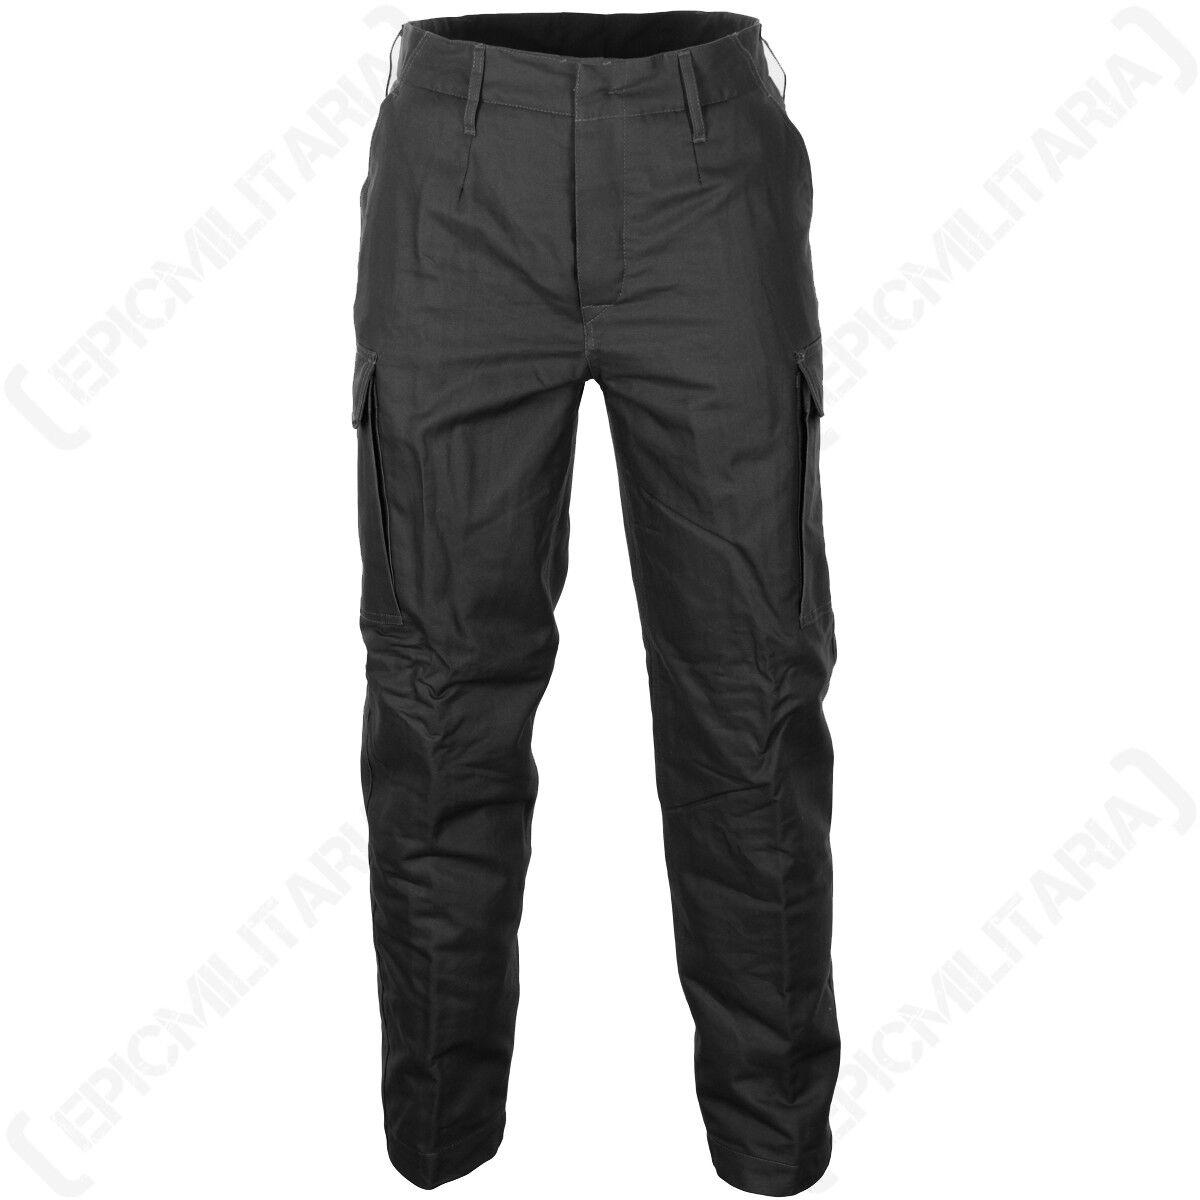 Fustagno Pantaloni Termici - Inverno Carico Esercito Militare Foderato